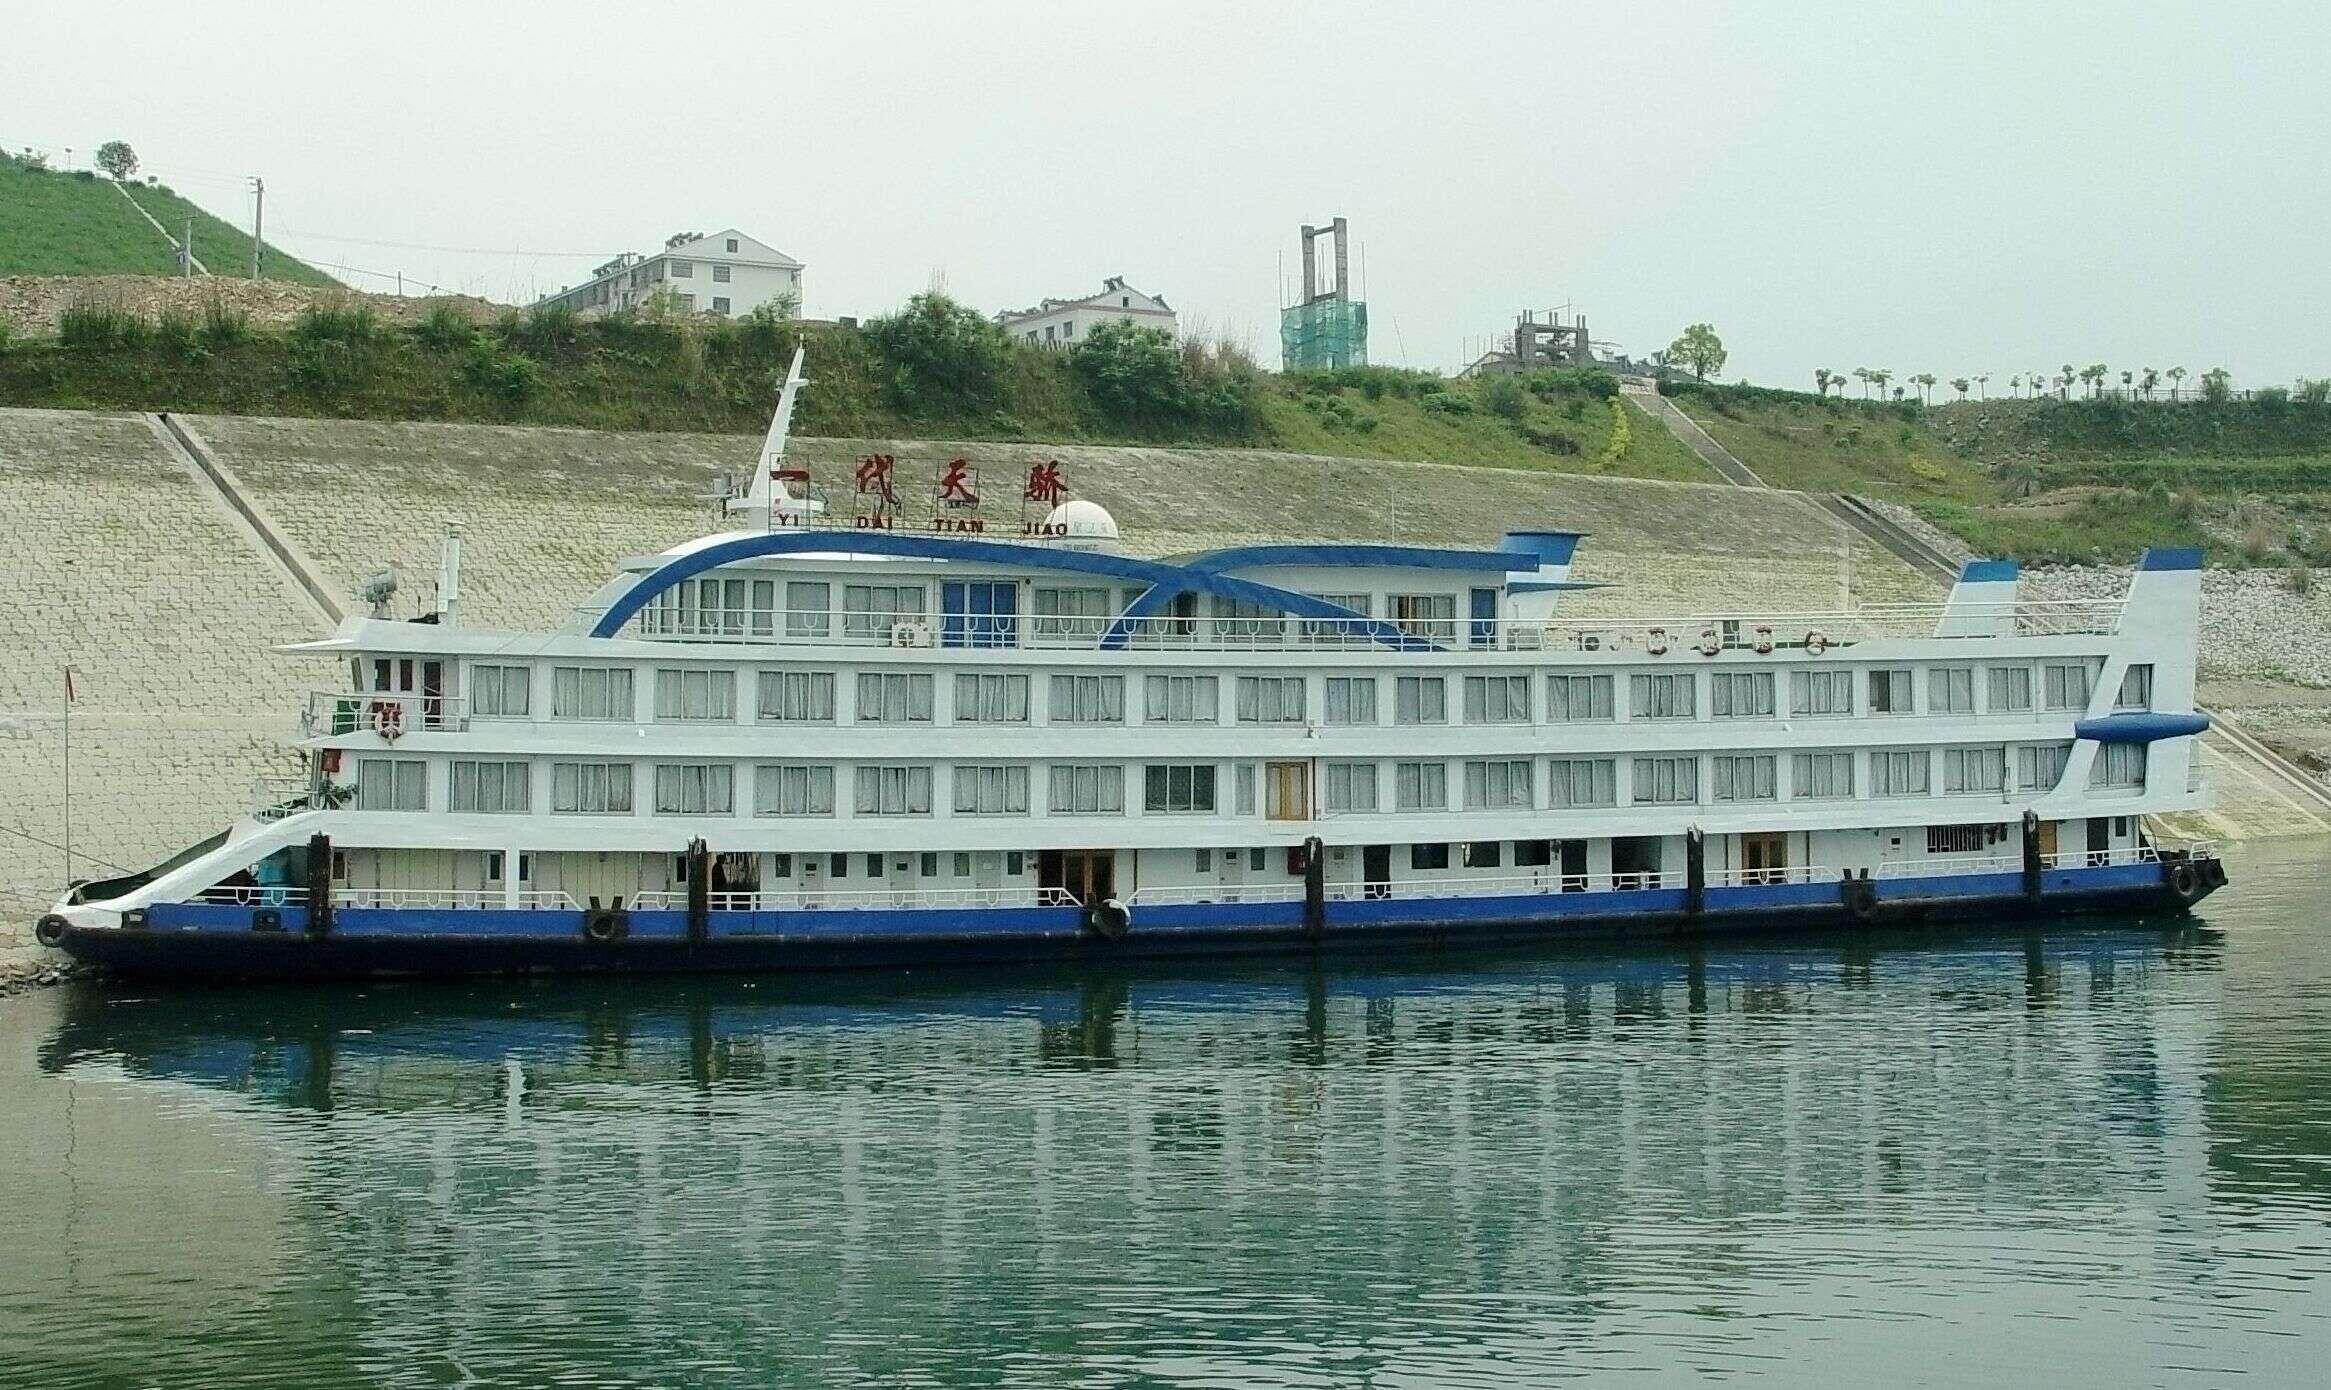 11月份宜昌-重庆全景三天游轮航期公告 宜昌到三峡旅游